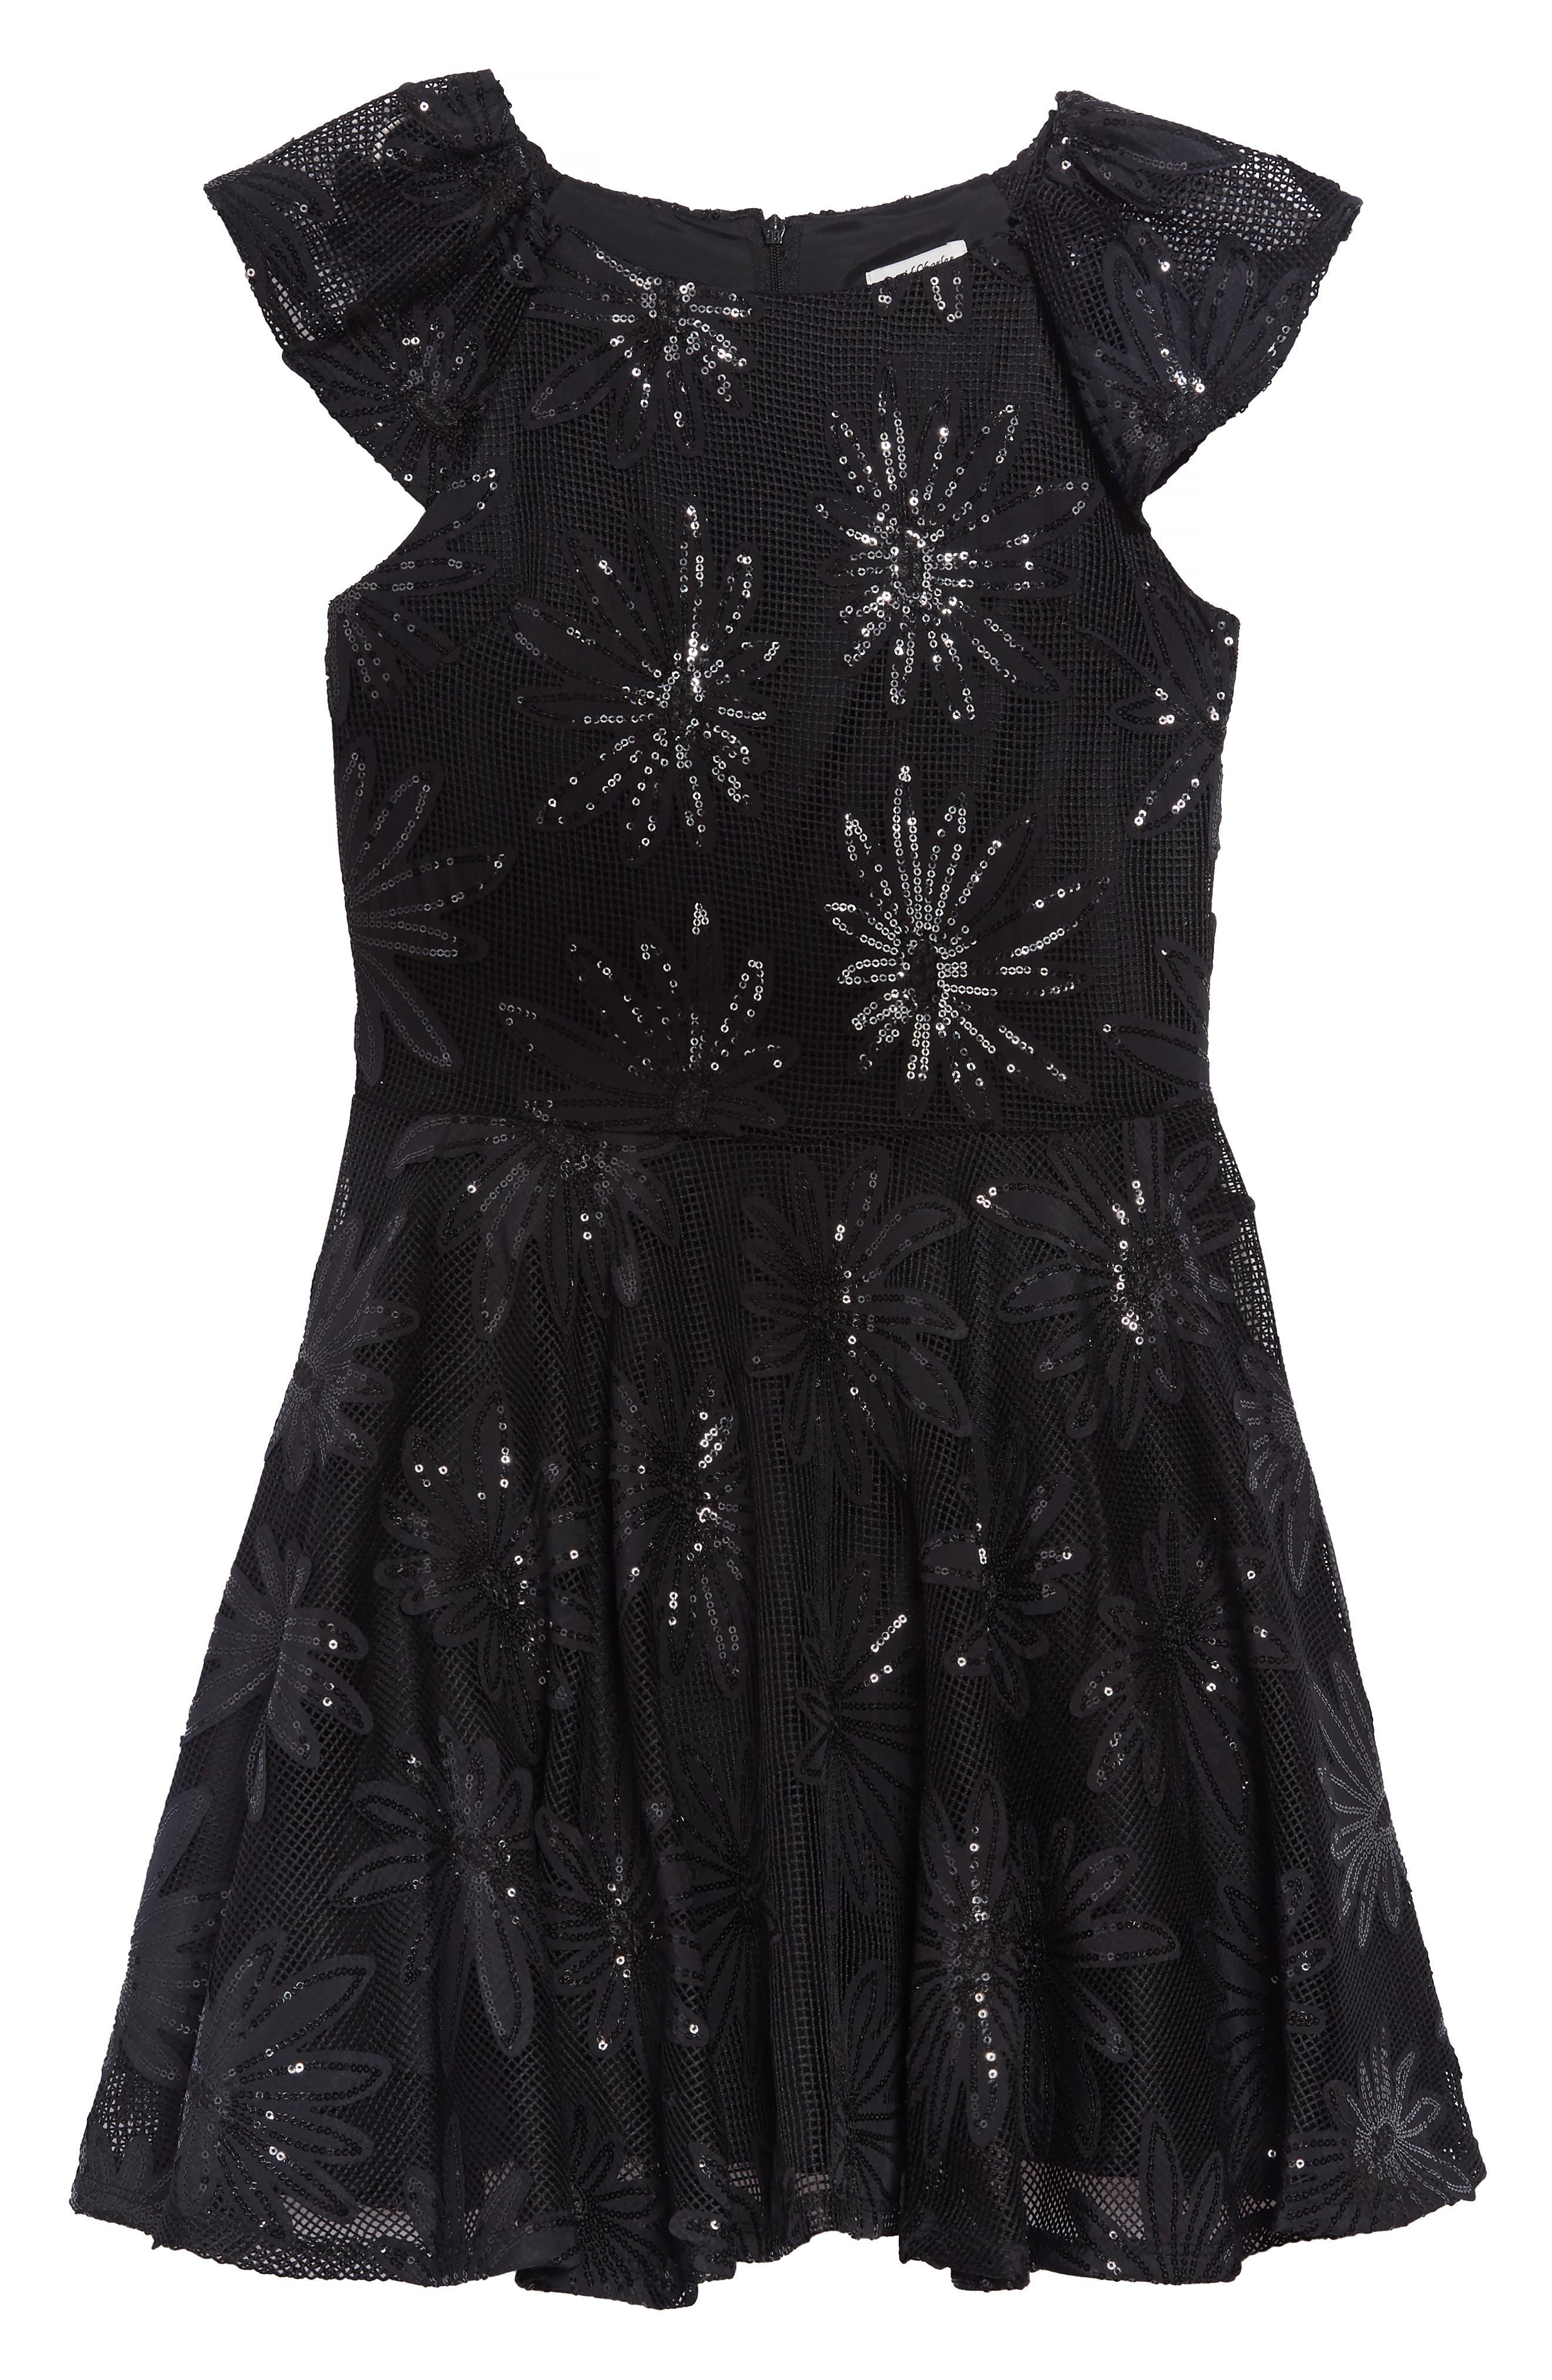 Sequin Flower Dress,                             Main thumbnail 1, color,                             BLACK